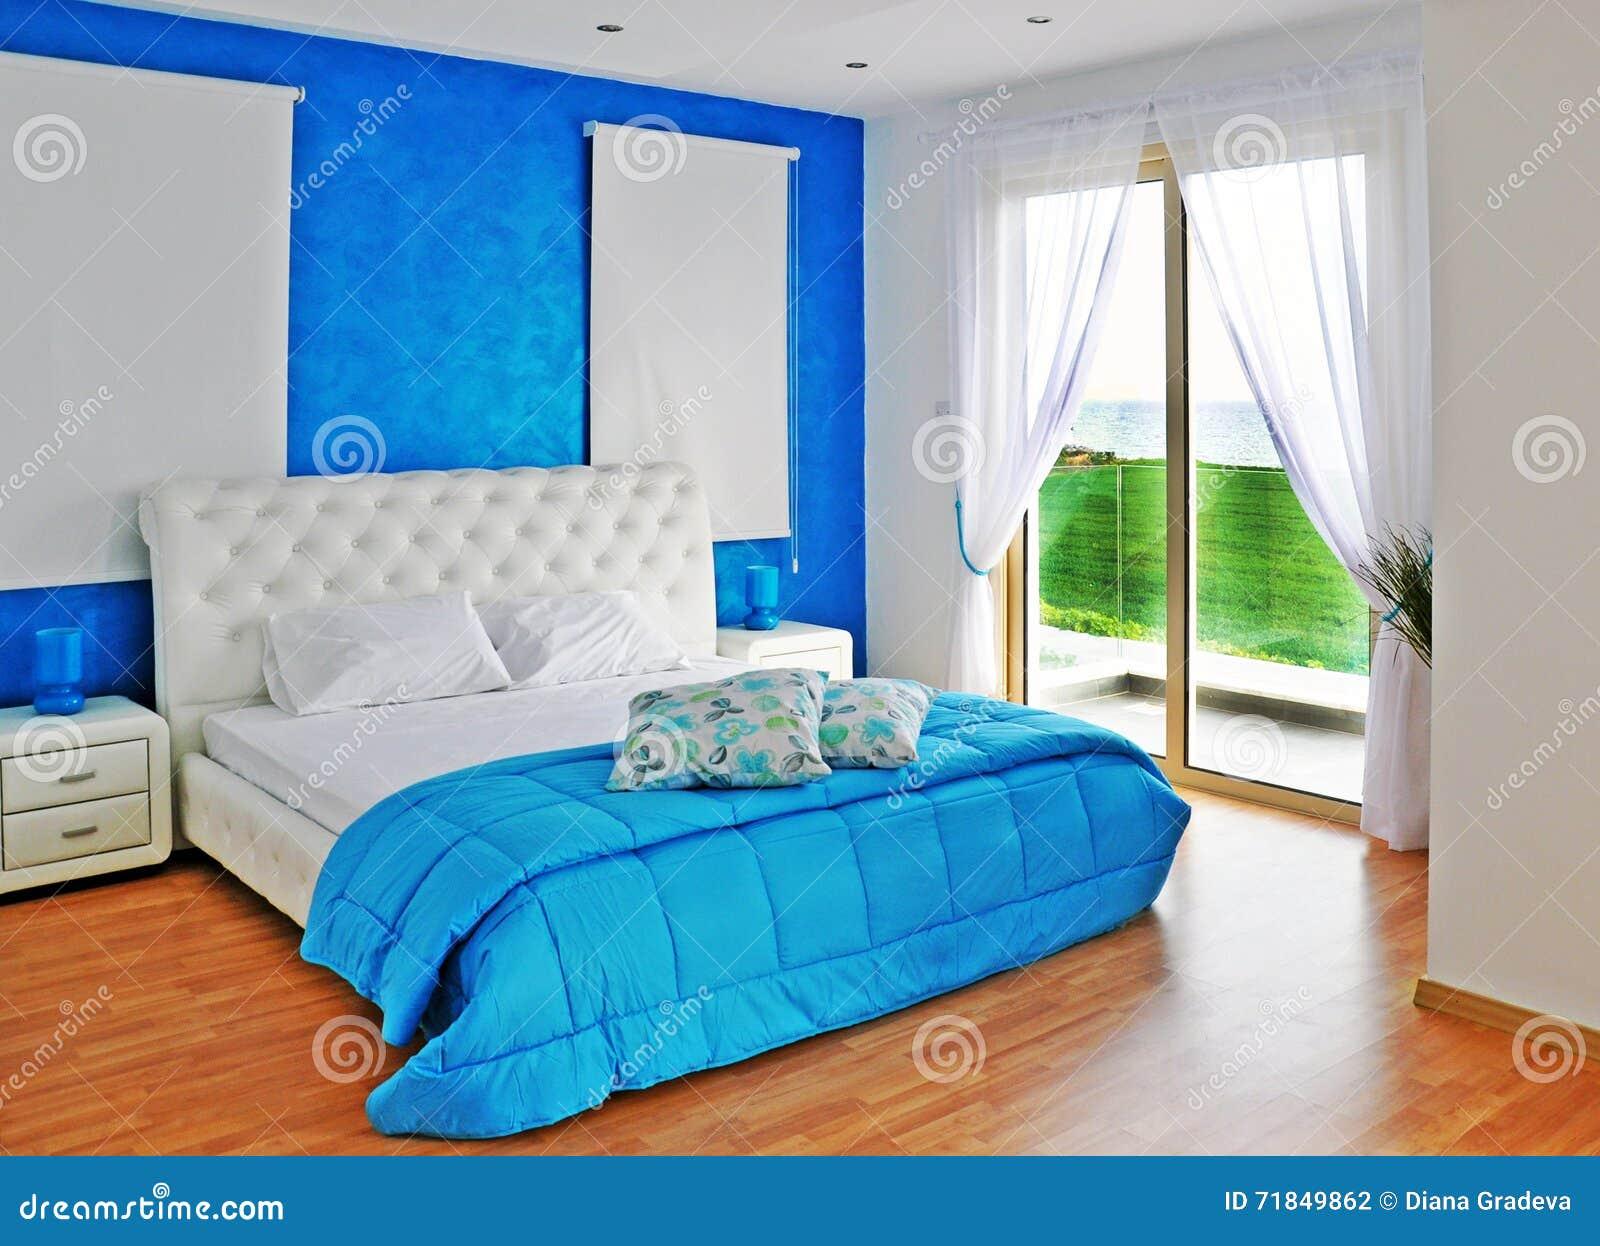 Slaapkamer In Blauw Met Overzeese Mening Stock Foto - Afbeelding ...